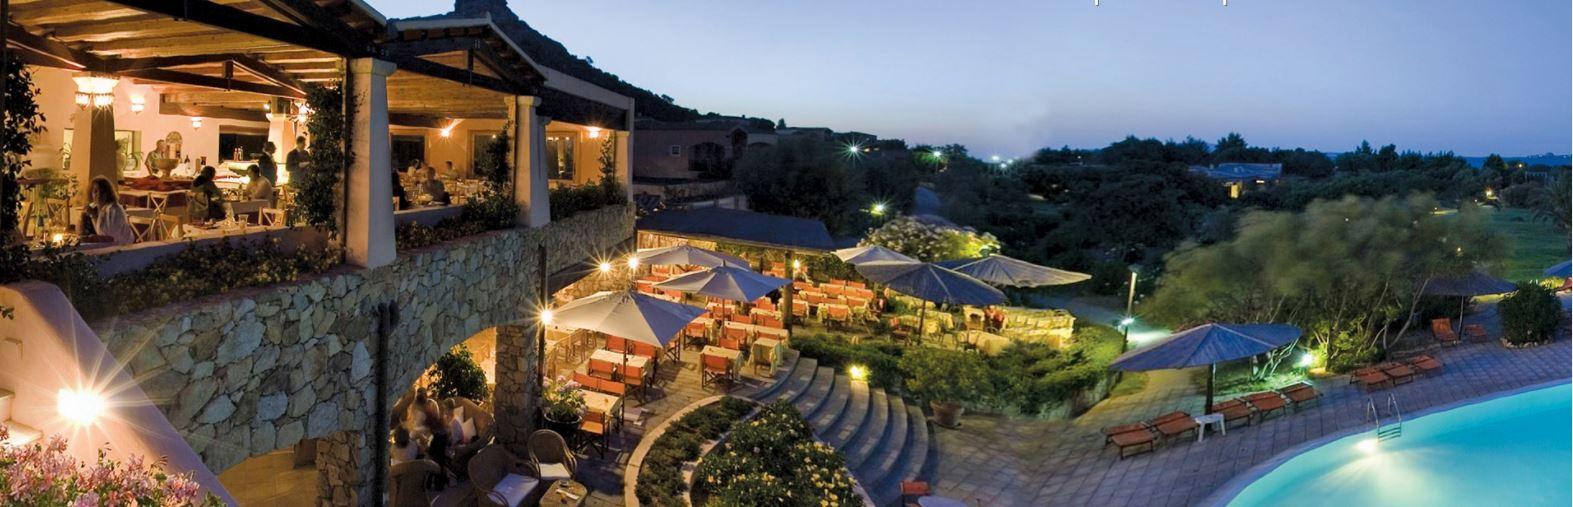 Delphina Hotel - Resort Cala di Falco